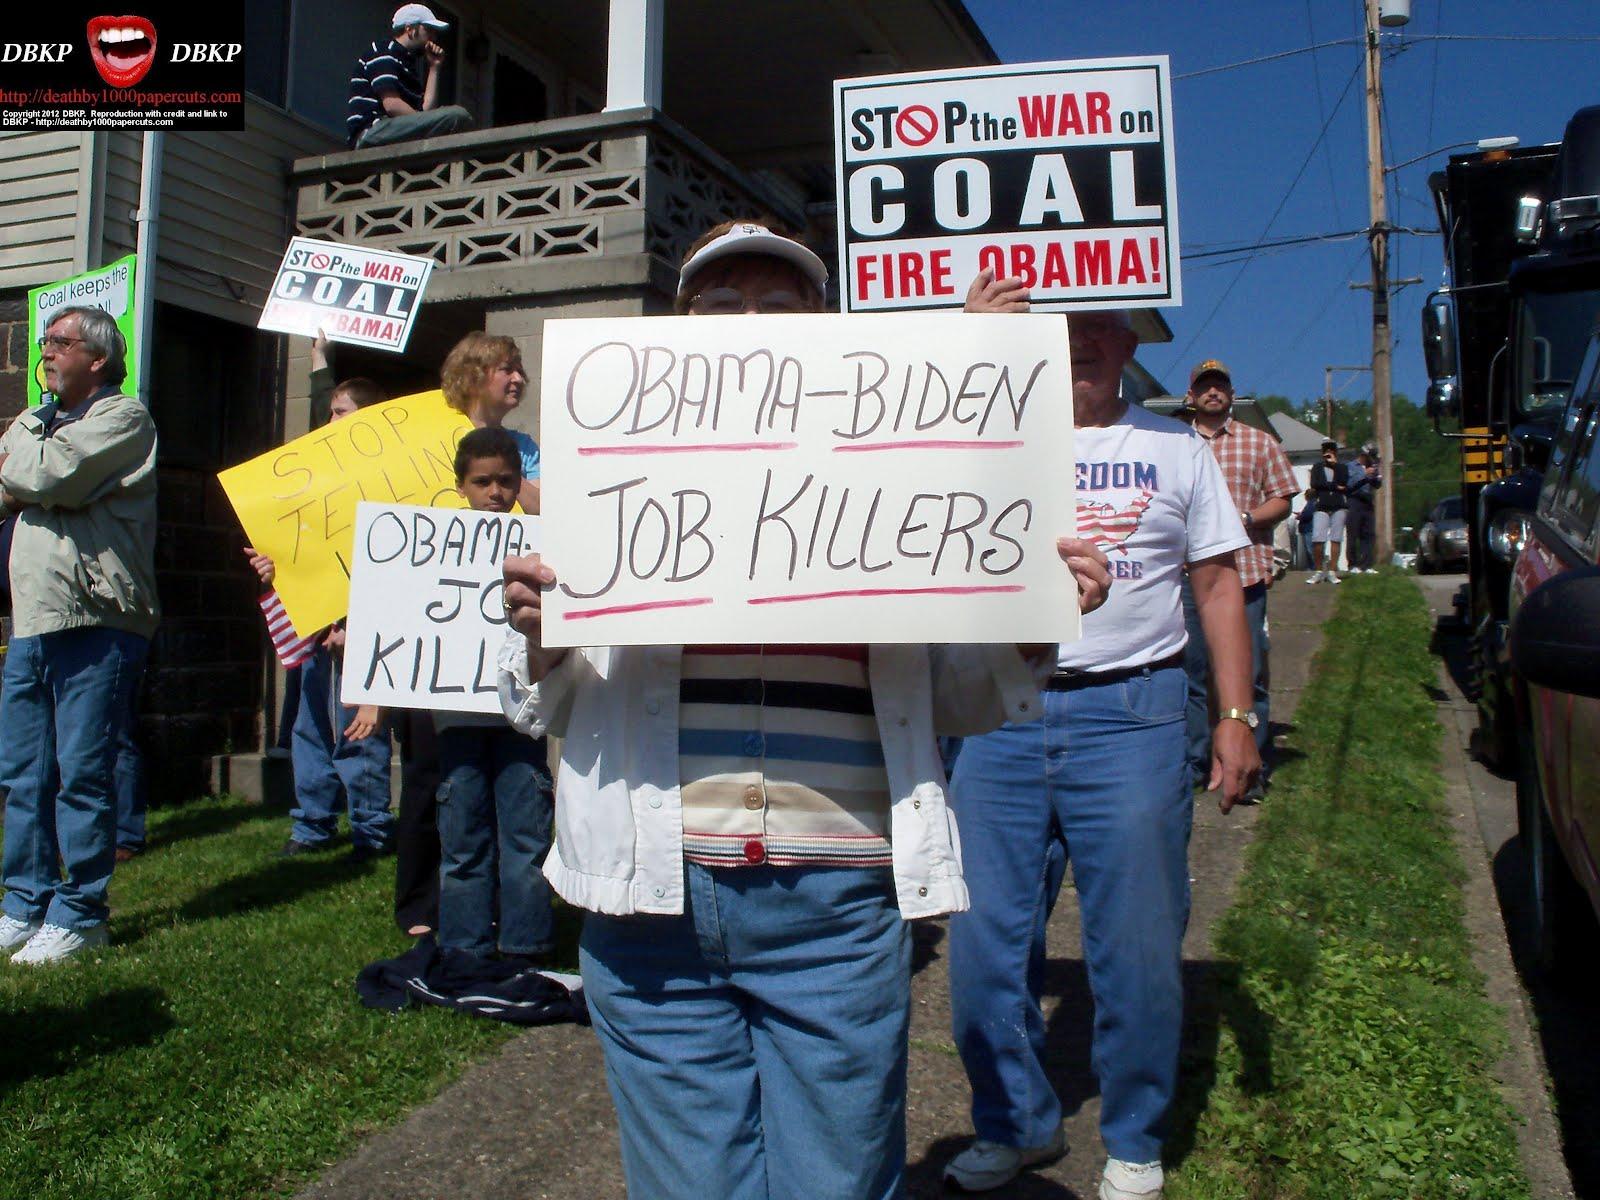 http://3.bp.blogspot.com/-LAK_SFEQ7Dw/T7jW-czTEzI/AAAAAAAAXqs/7V9CATOsnUs/s1600/Biden-MF-job-killer-0517-2012.jpg